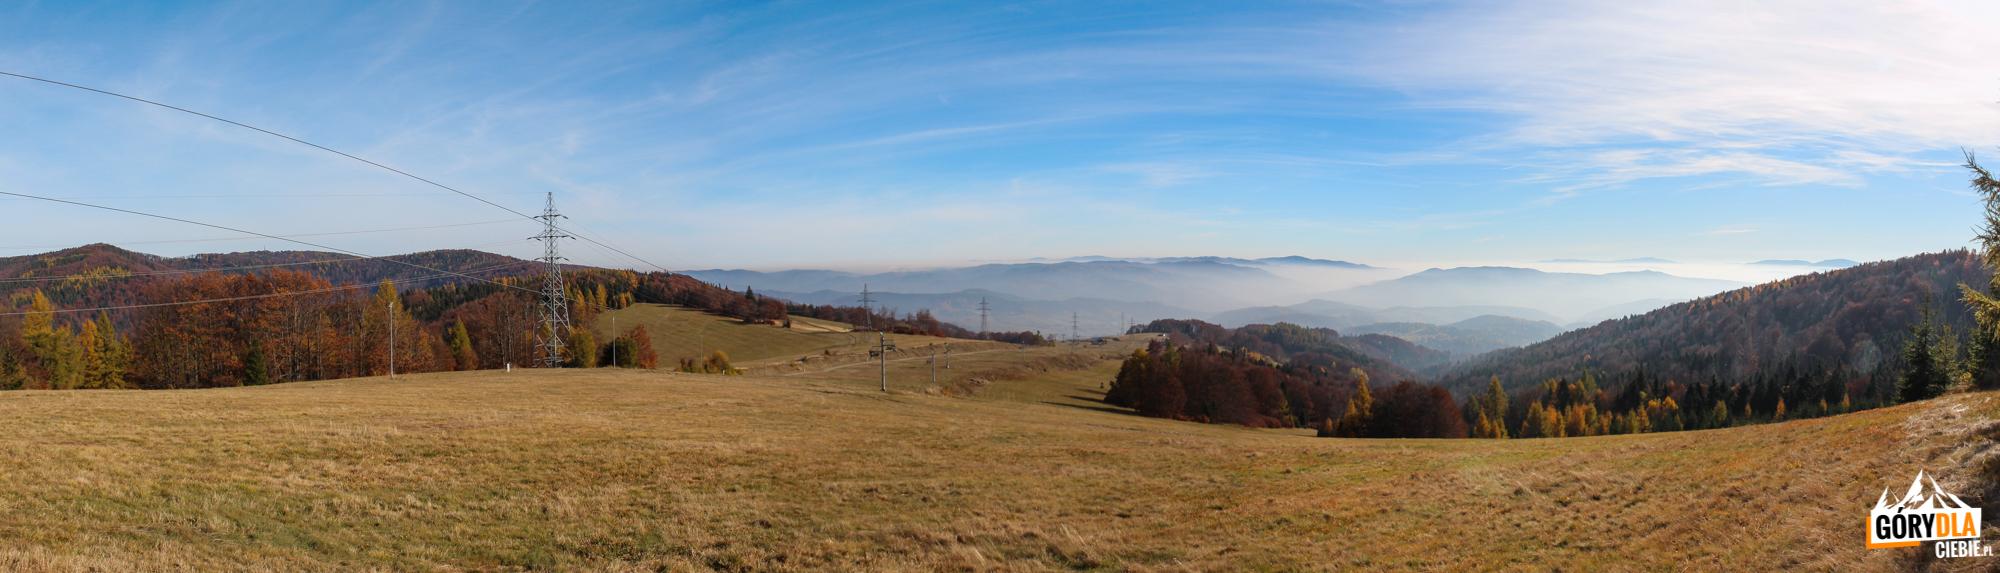 Widok z górnej stacji wyciągów na Jaworzynce (1001 m) na słowackie Góry Czerchowskie z najwyższym szczytem Minčol (1157 m)